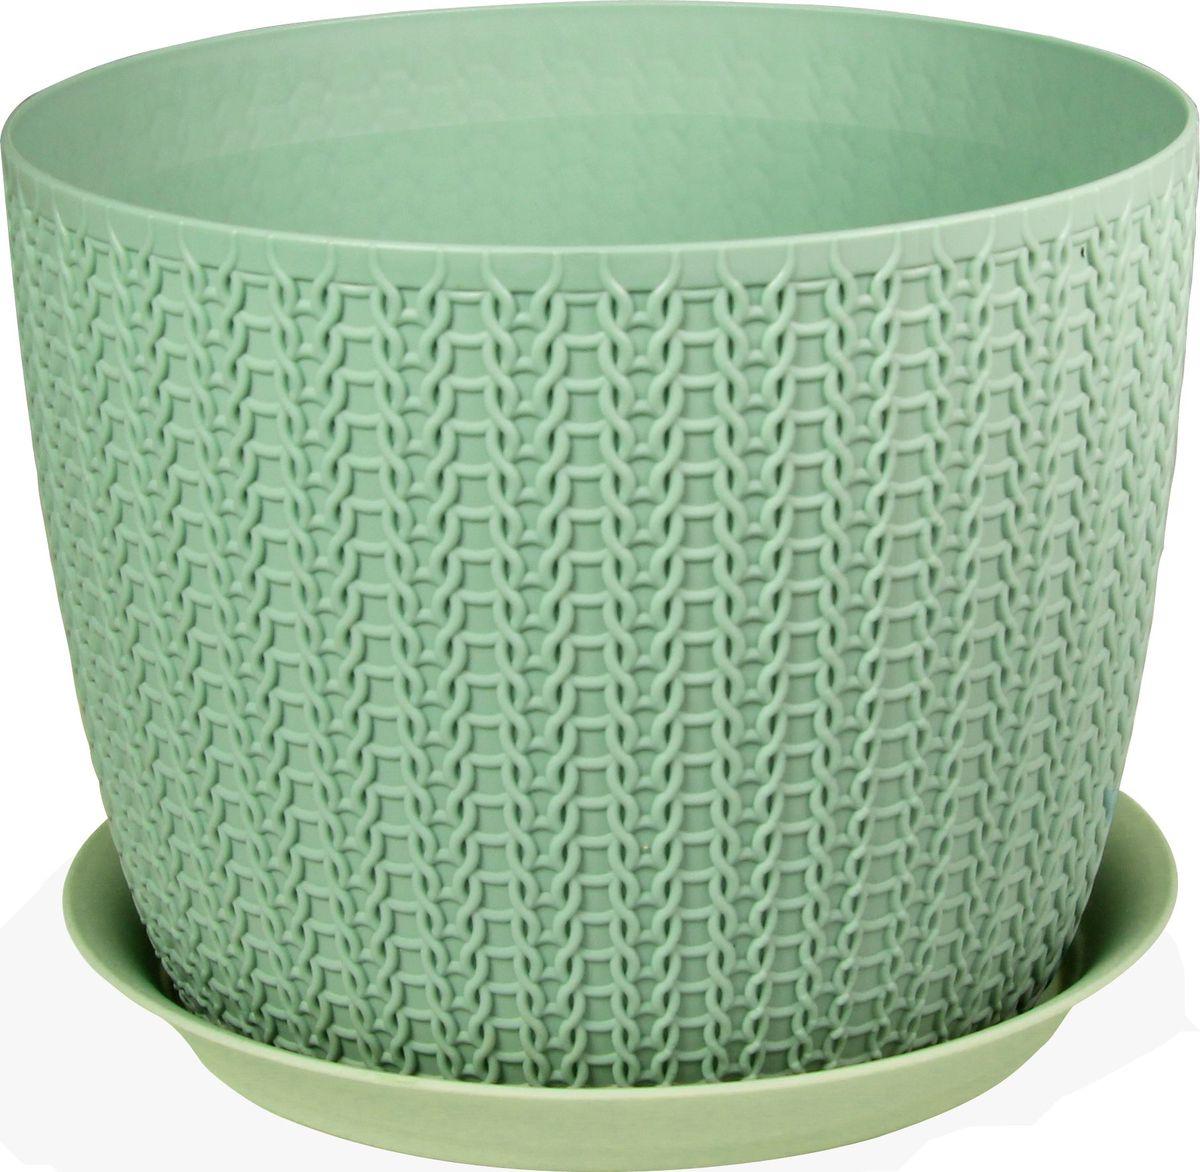 Кашпо Idea Вязание, с поддоном, цвет: фисташковый, диаметр 13,5 см531-402Кашпо Idea Вязание изготовлено из полипропилена (пластика). Специальная подставка предназначена для стока воды. Изделие прекрасно подходит для выращивания растений и цветов в домашних условиях.Диаметр кашпо: 13,5 см.Высота кашпо: 11 см.